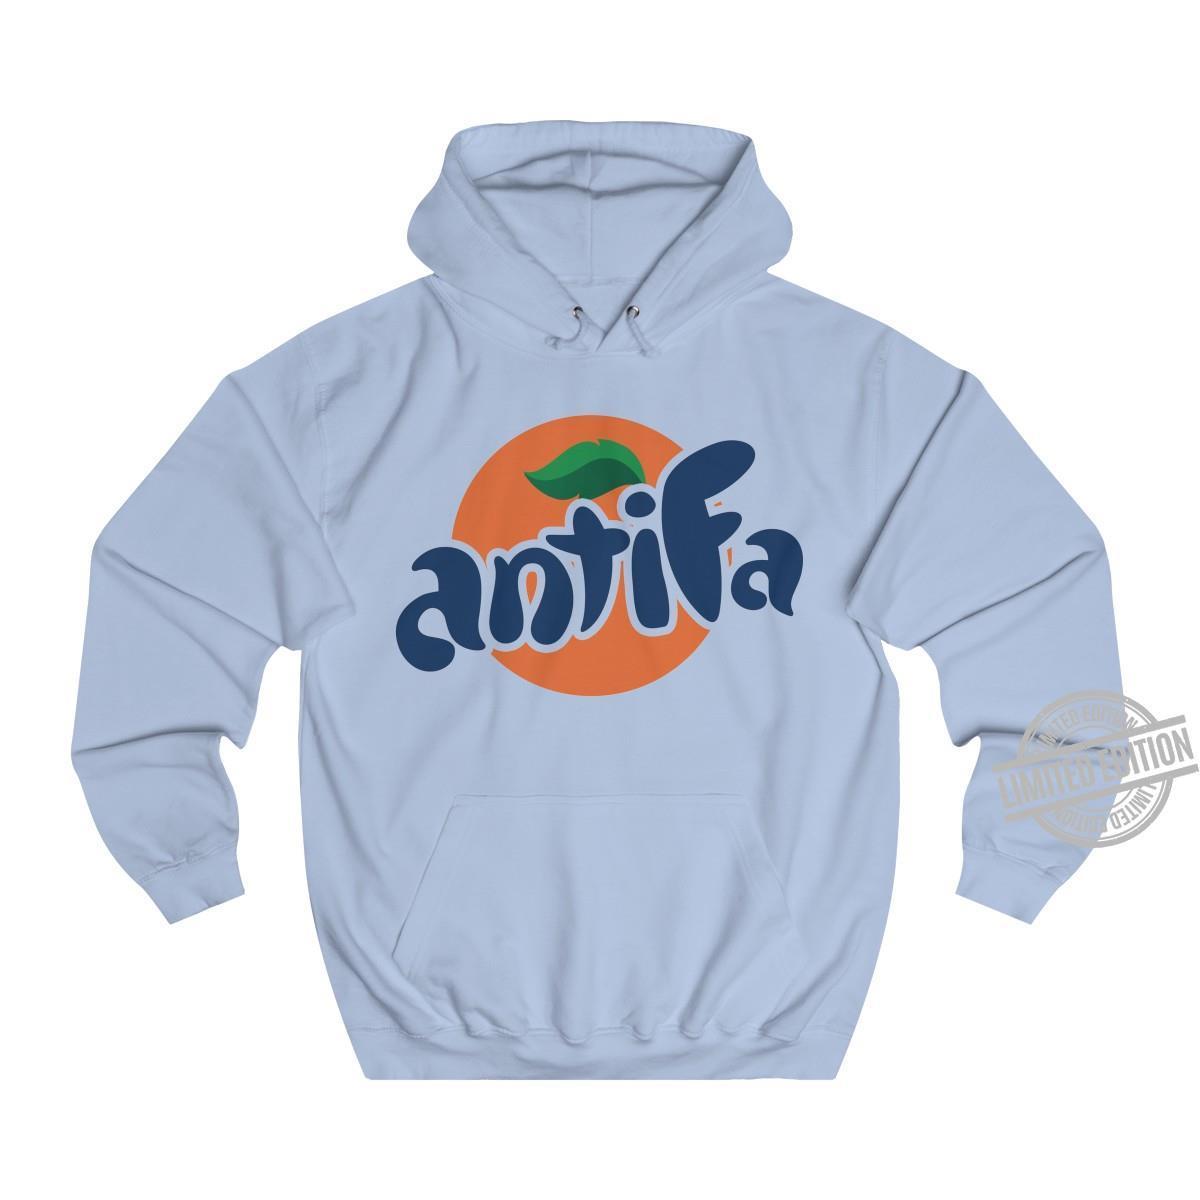 Anifa Orange Shirt